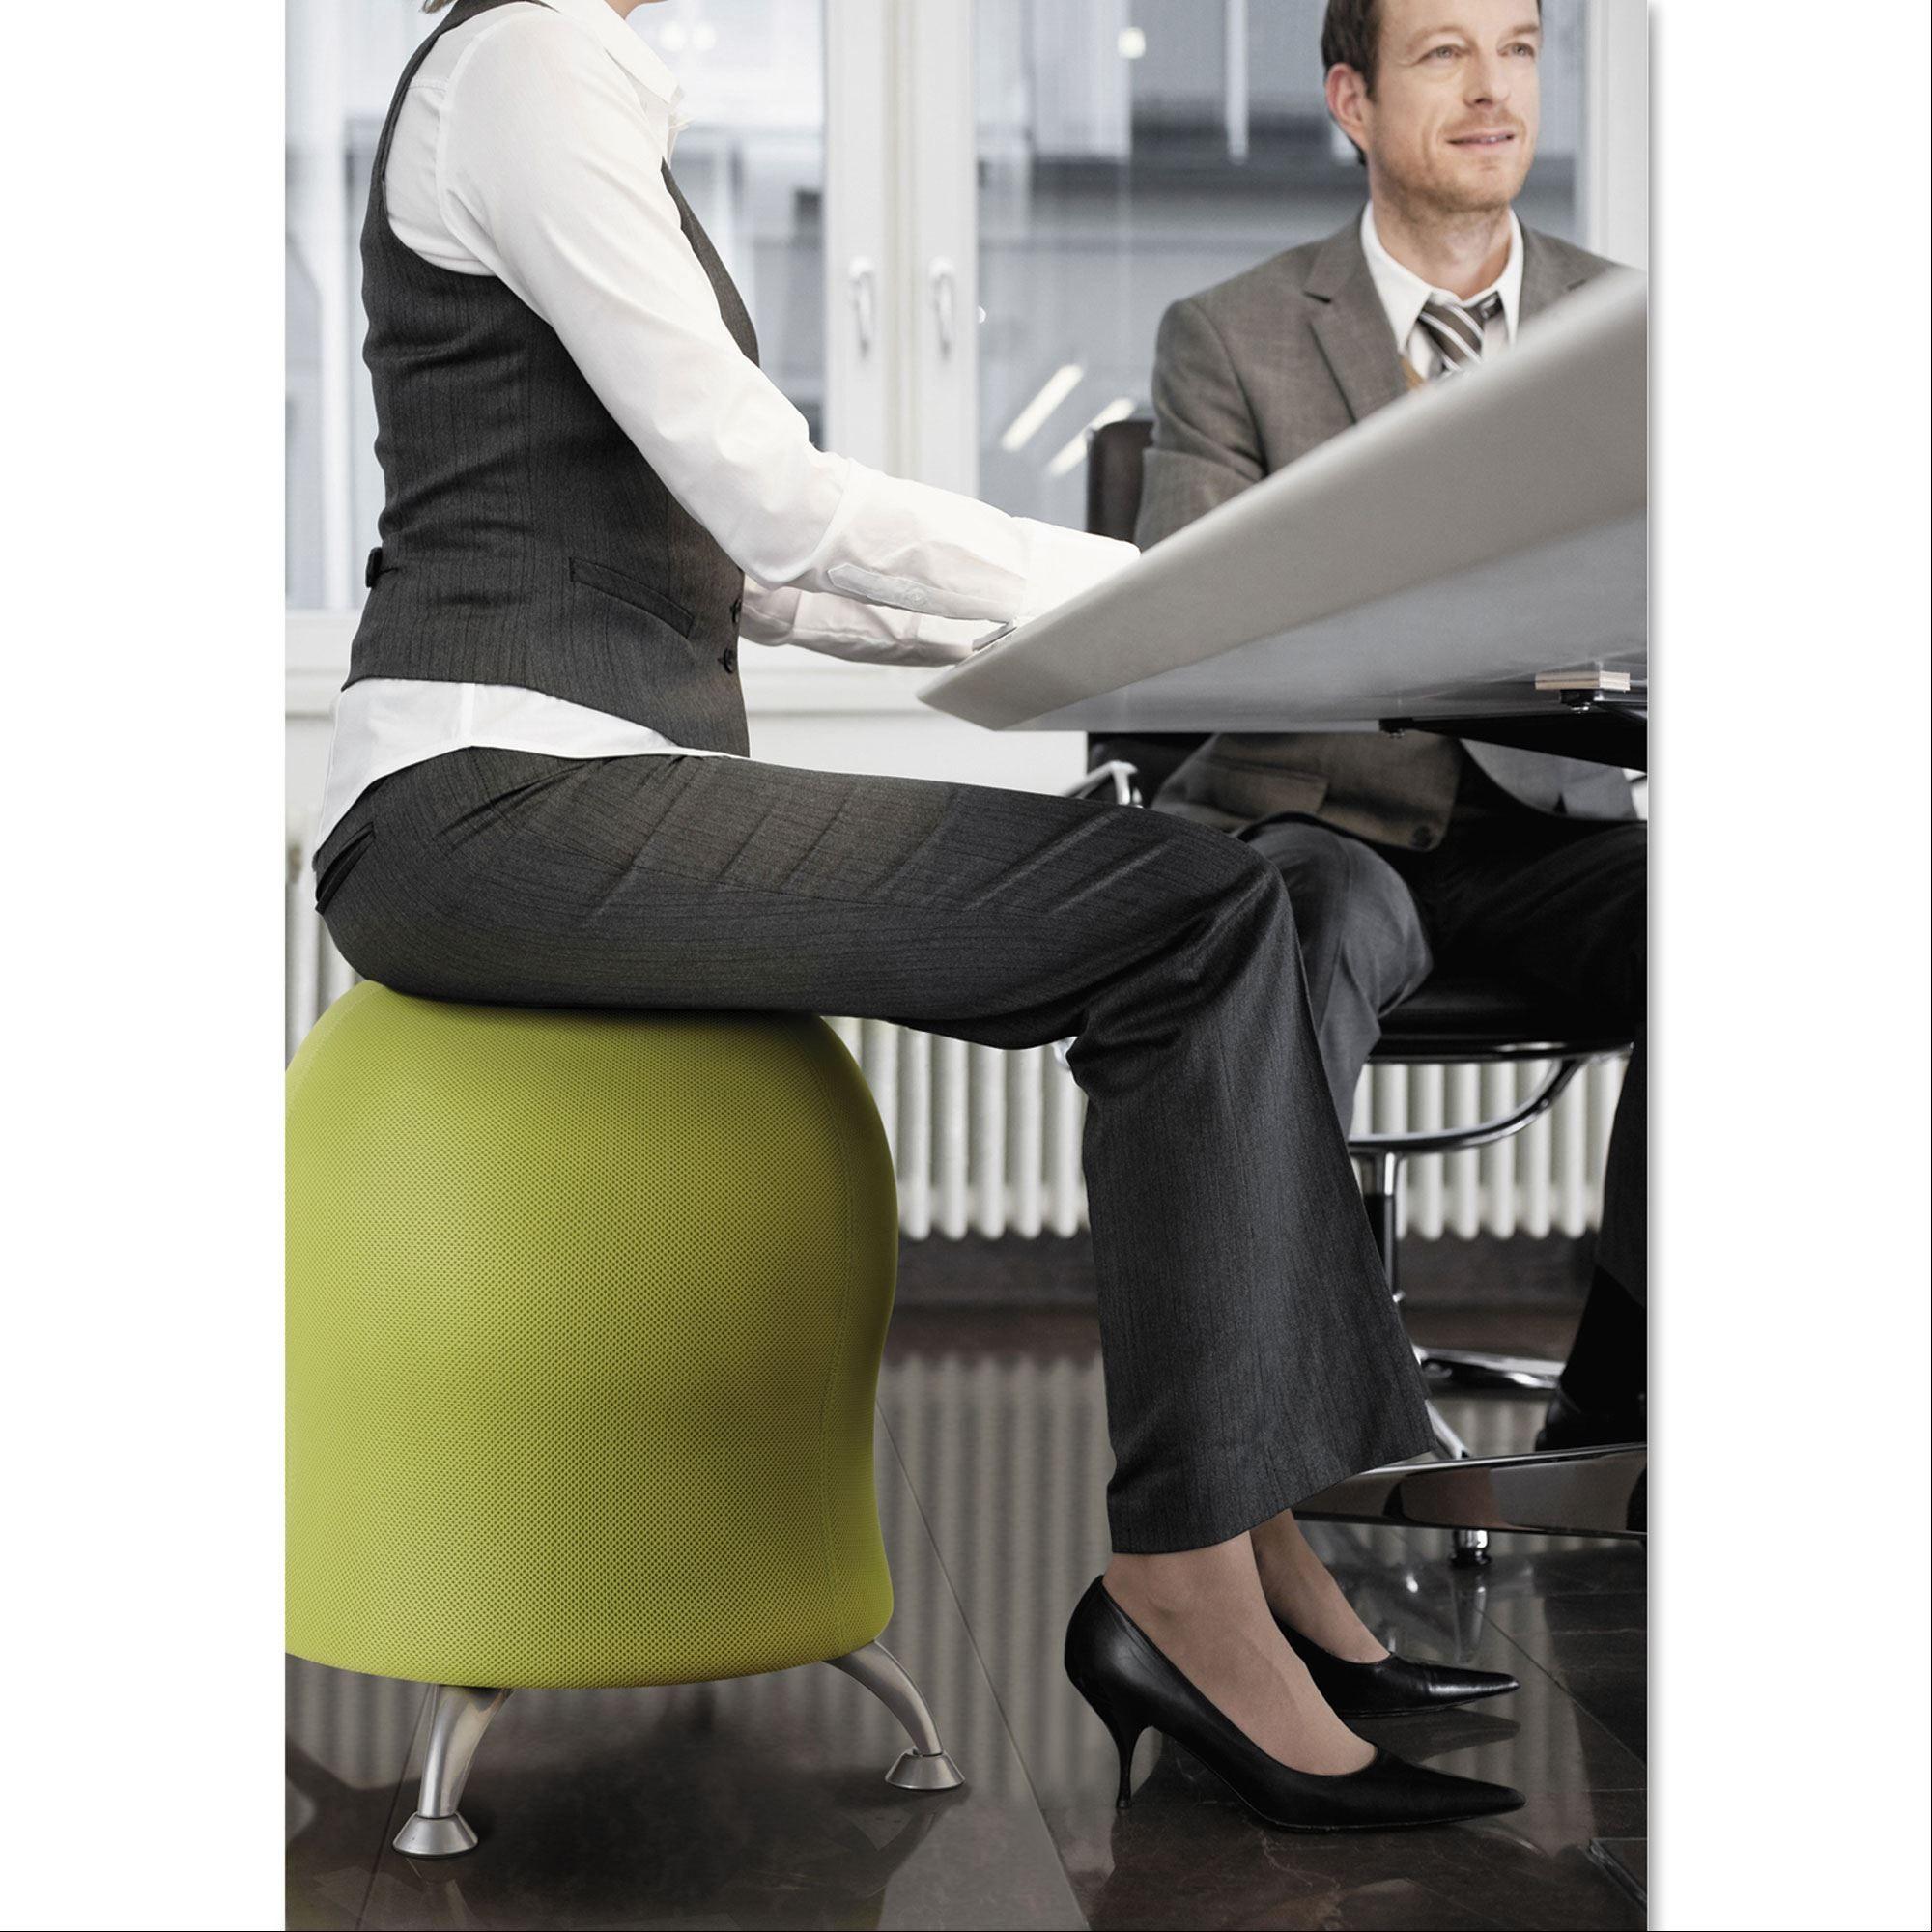 Zenergy Ball Chair Ball chair, Chair, Better posture